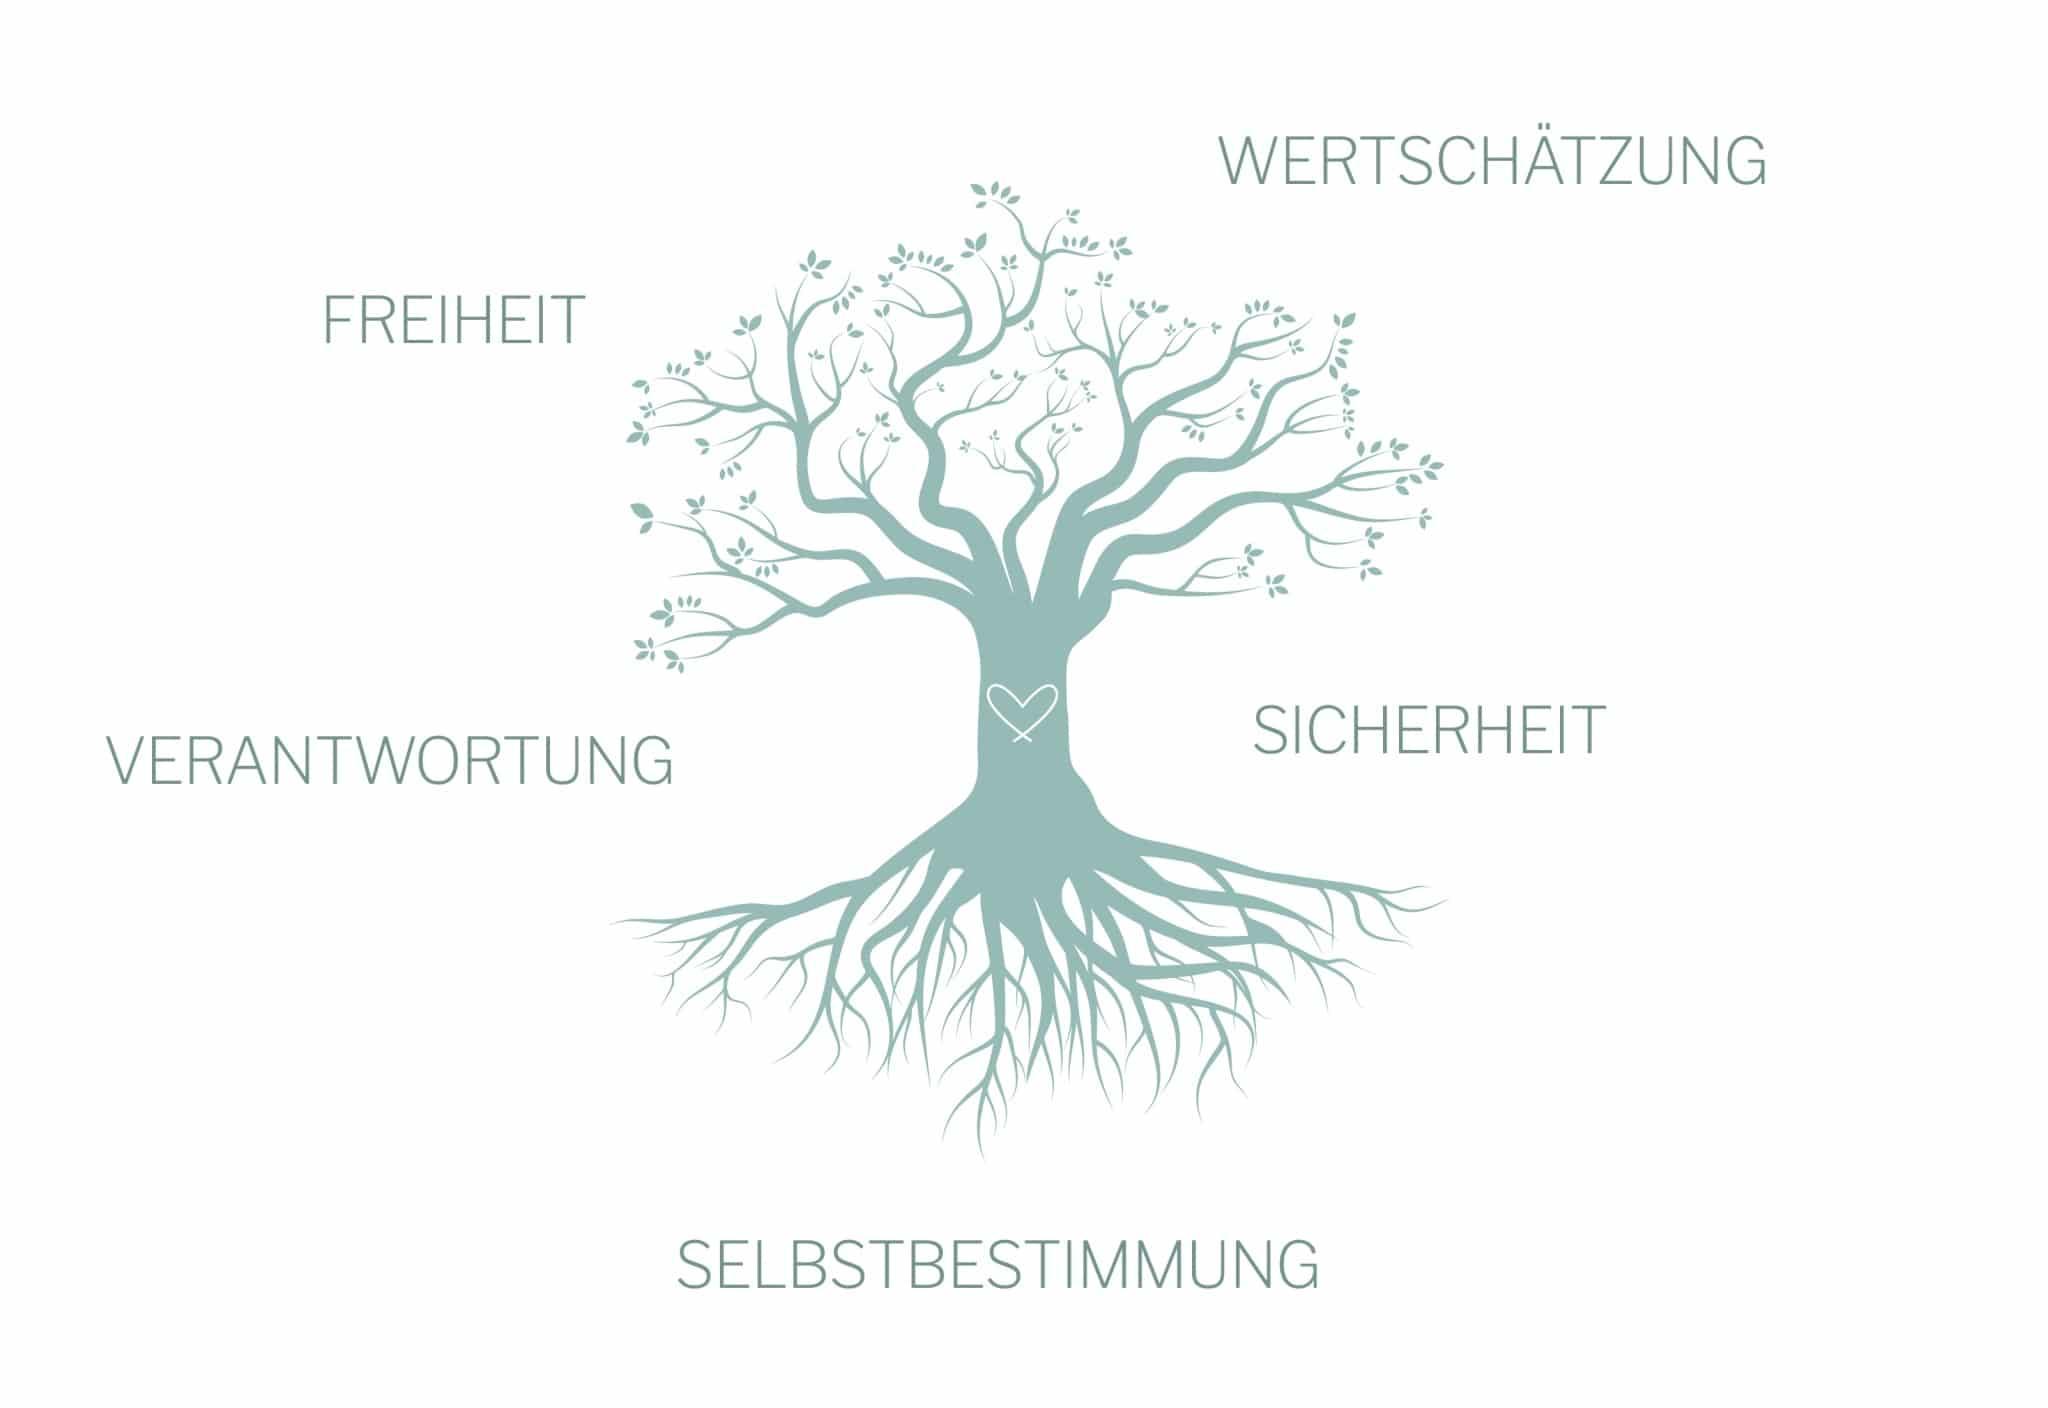 Illustration: Wertebaum